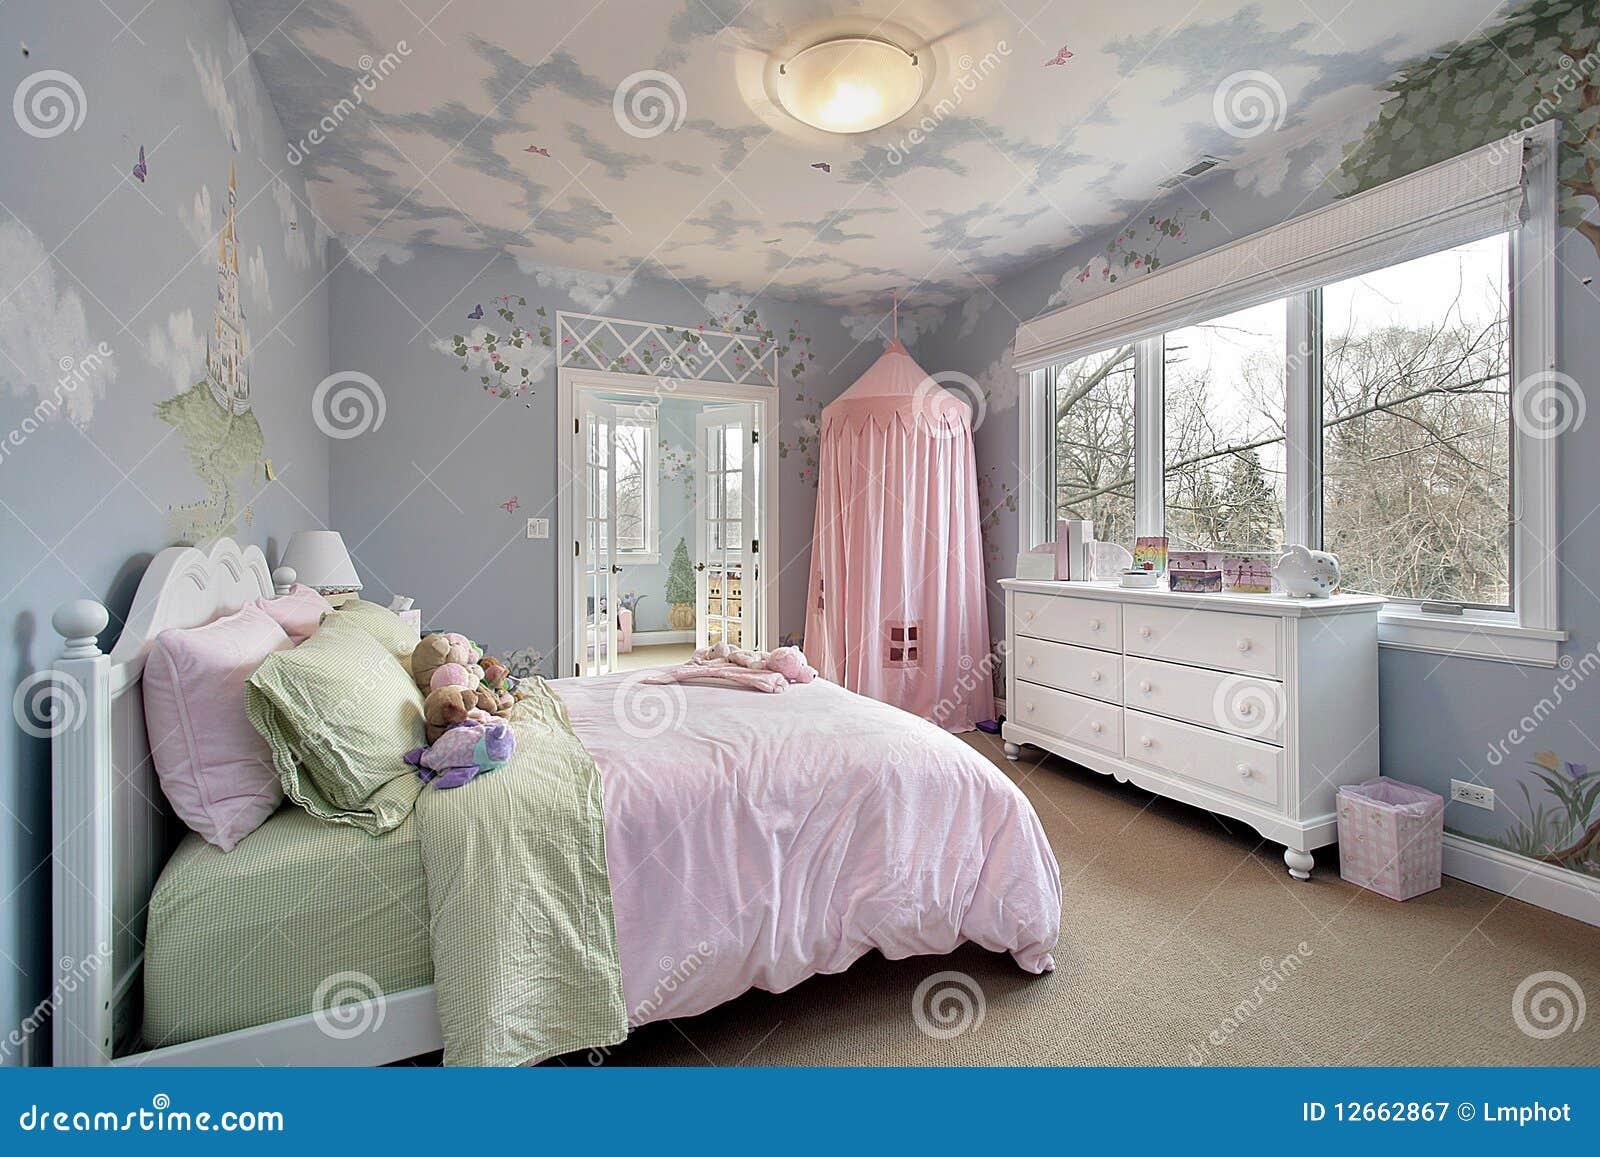 Camera da letto con i disegni della parete fotografia - Disegni camera da letto ...